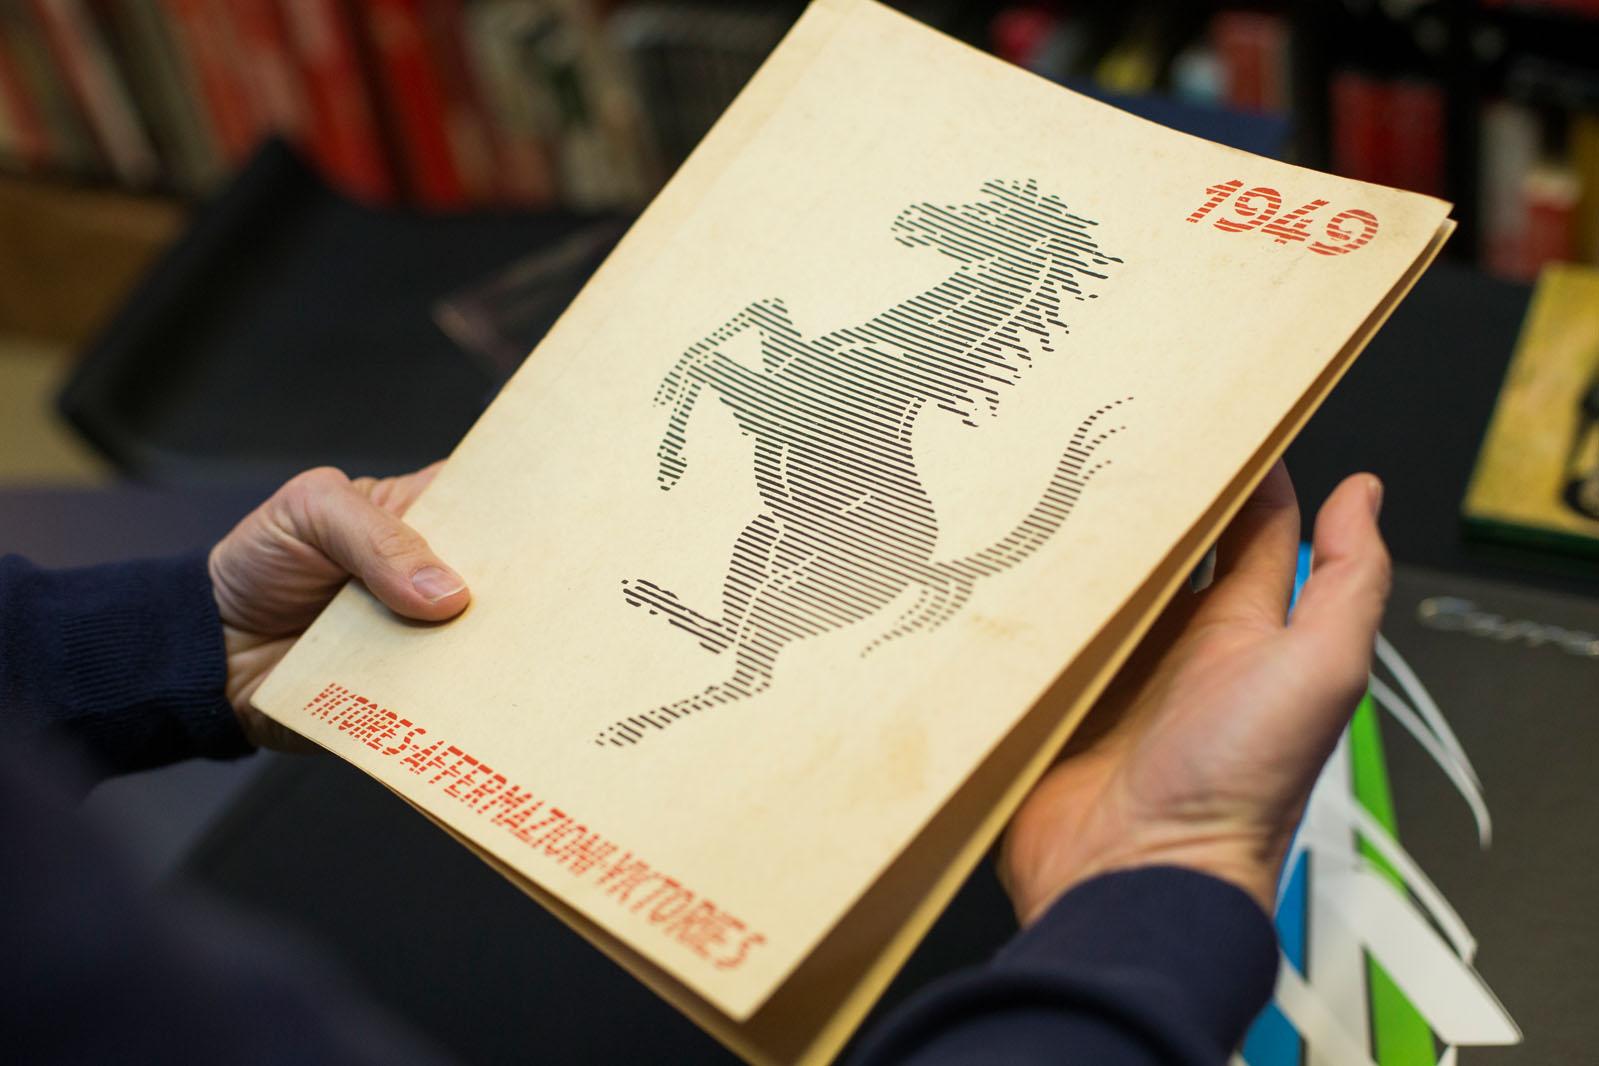 books-1261 taciki.ru